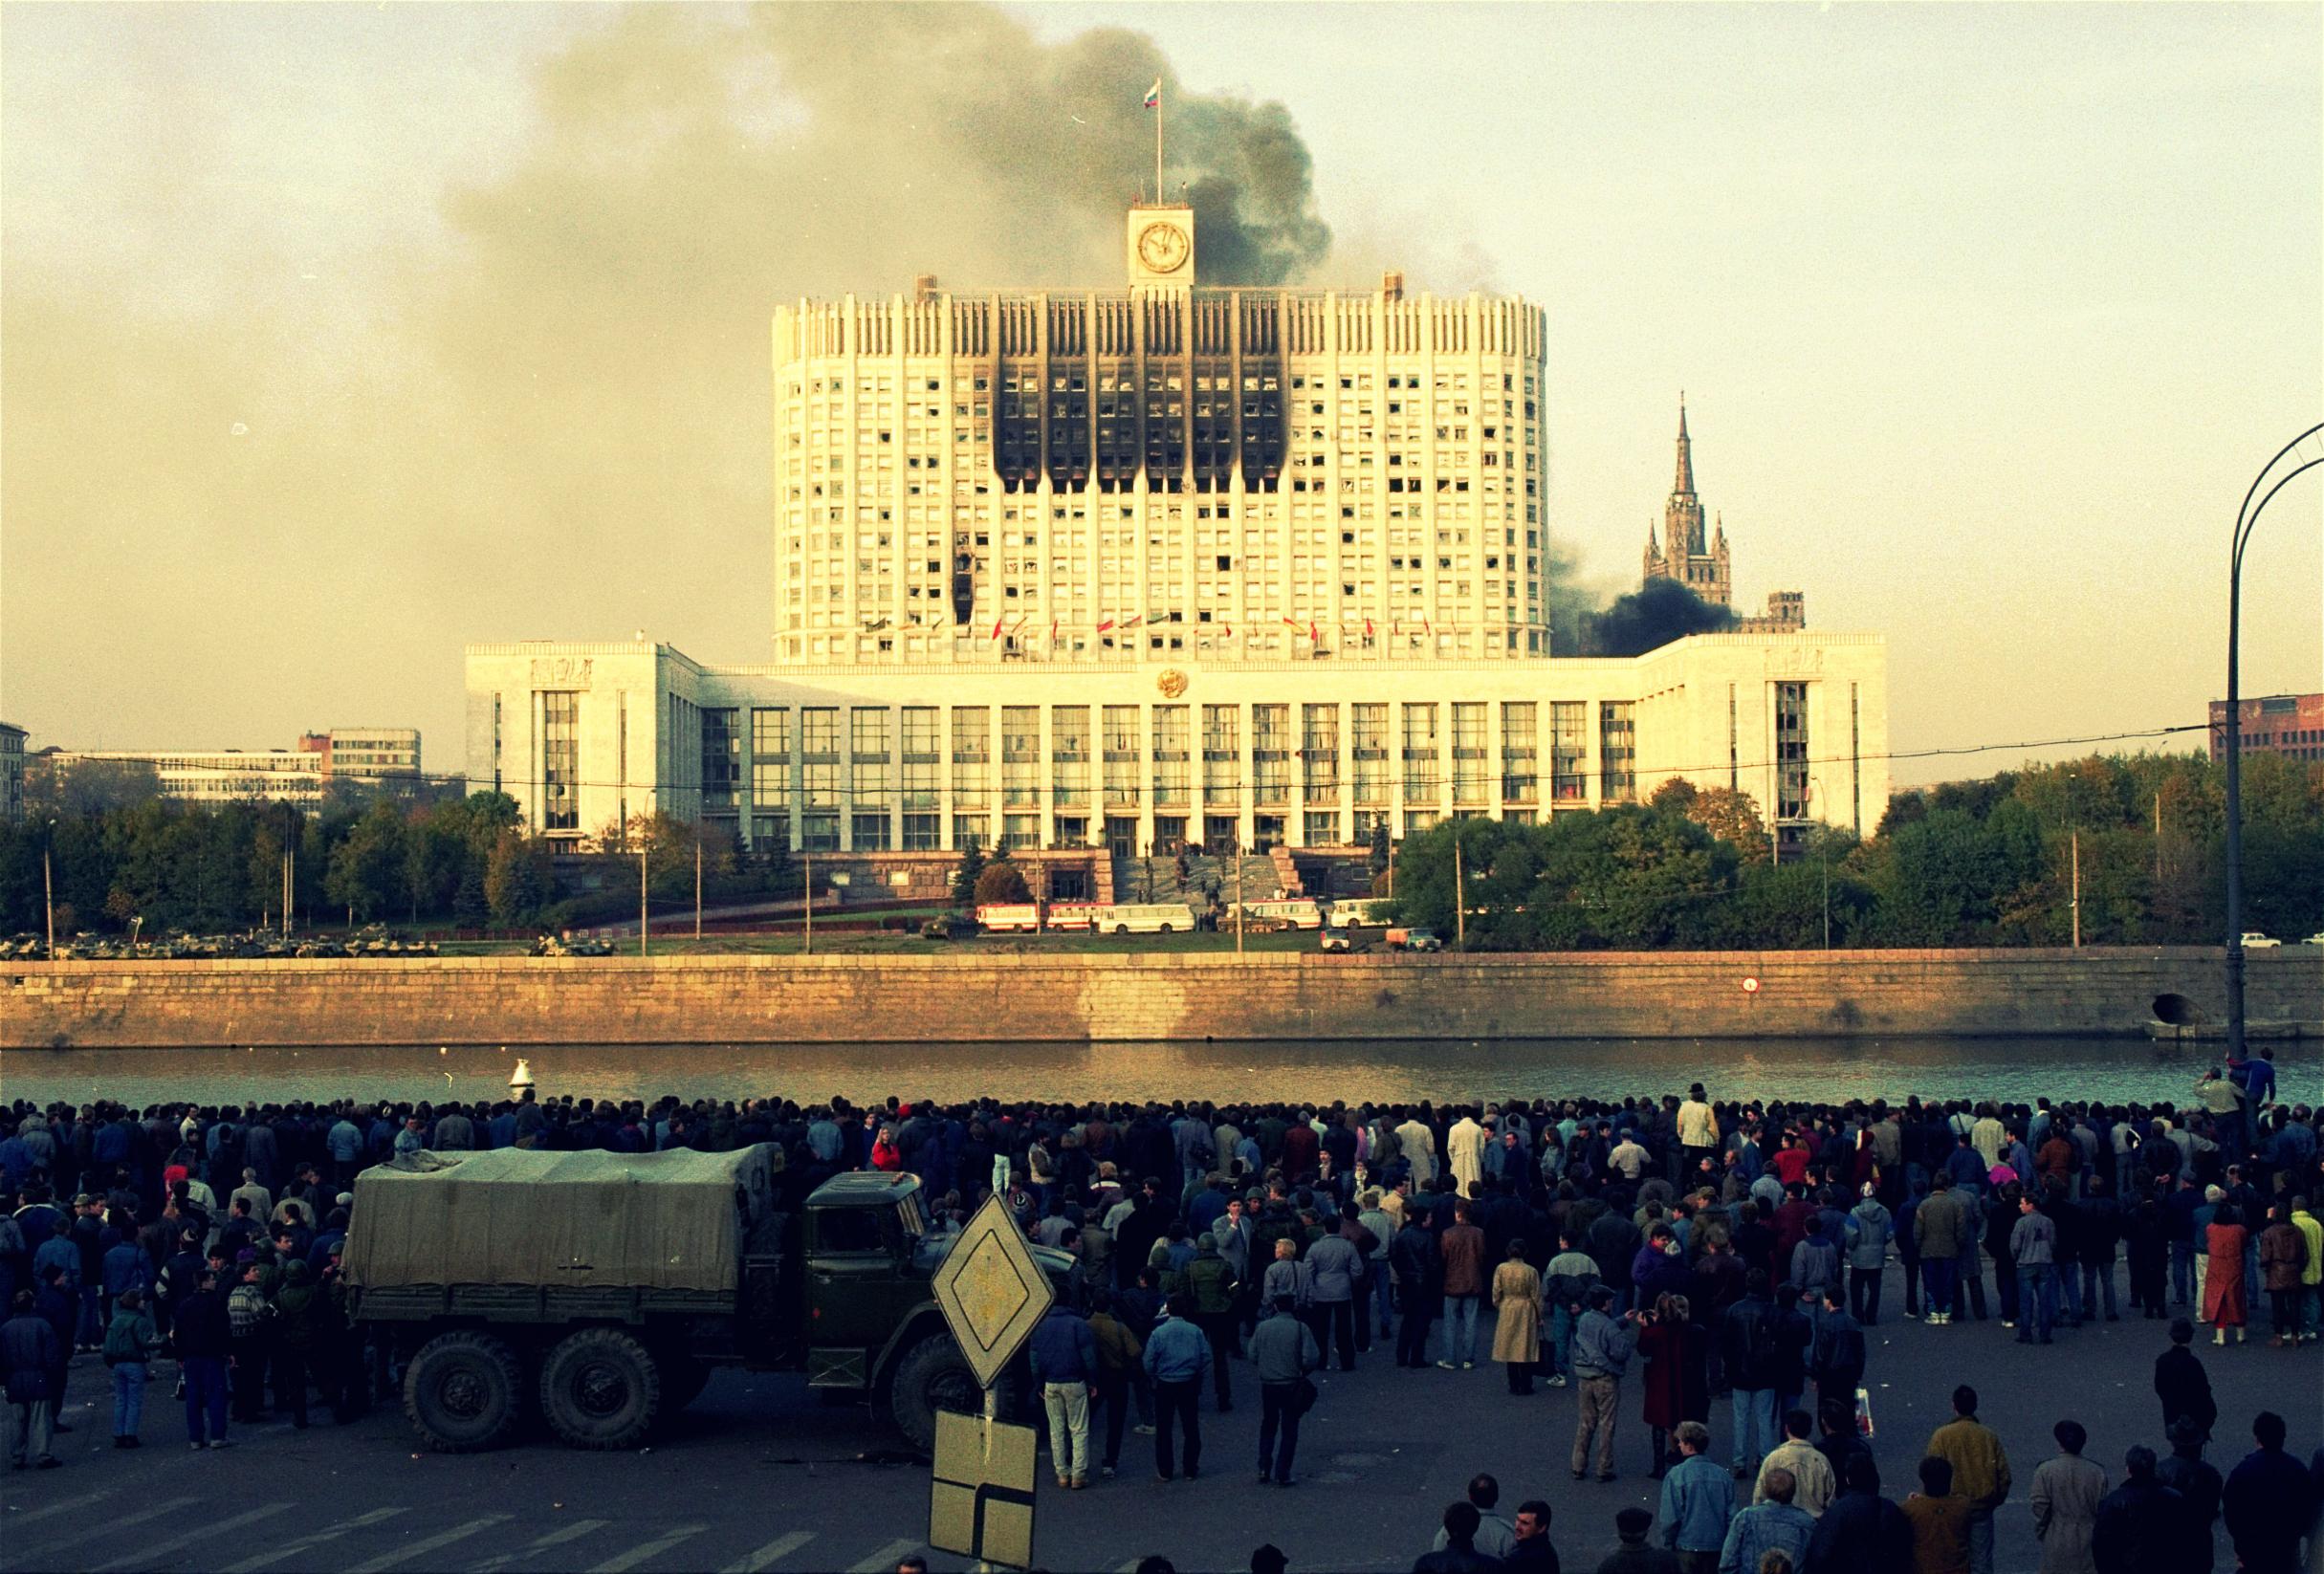 Политический кризис сентября — октября 1993 г. Принятие Конституции Российской Федерации 1993 г. Общественно-политическое развитие России во второй половине 1990-х гг. Политические партии и движения Российской Федерации